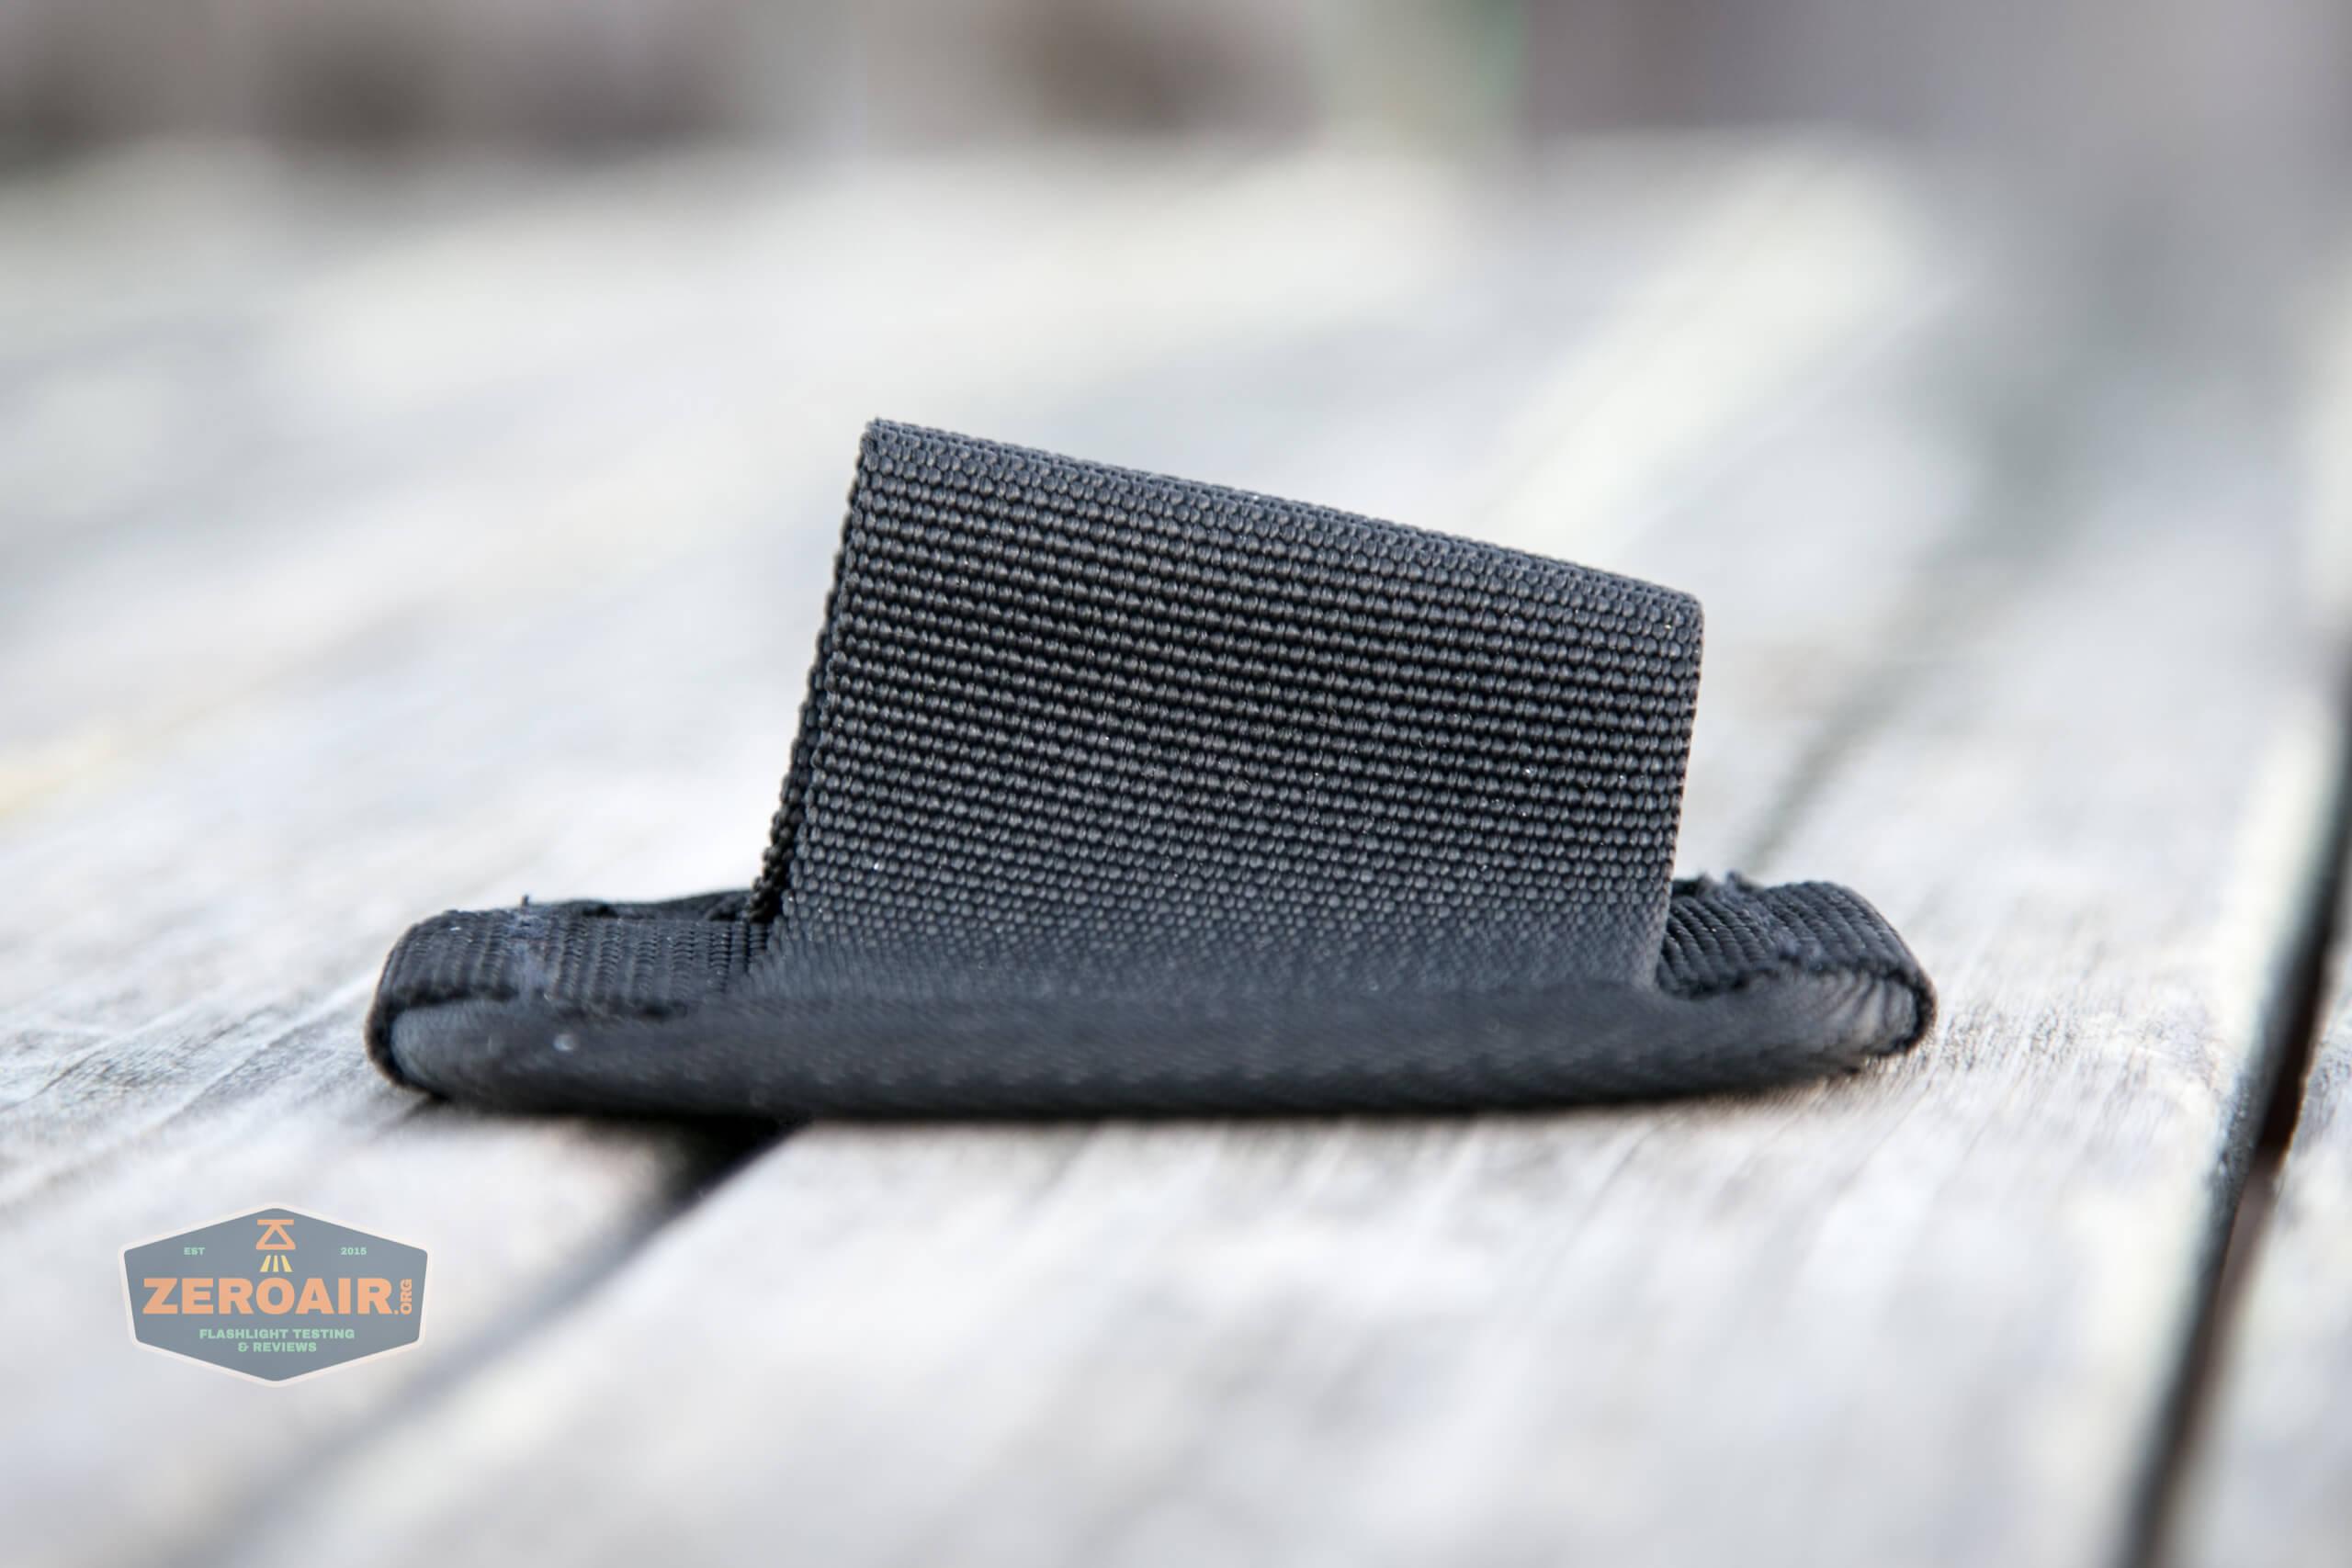 cyansky h3 nylon pouch